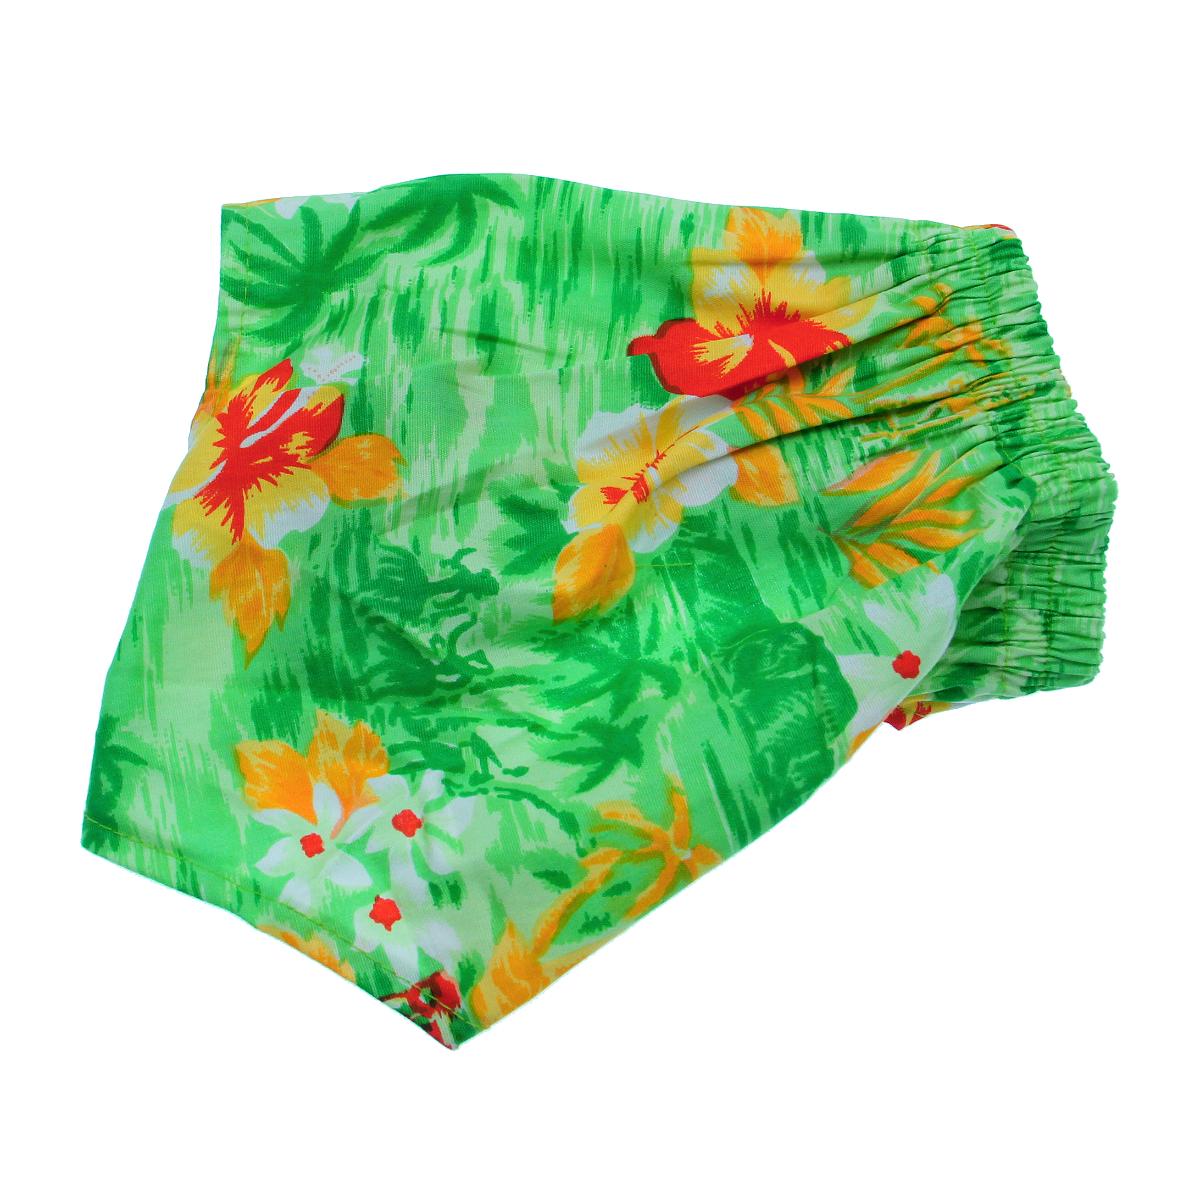 Hawaiian Swim and Board Dog Trunks - Green